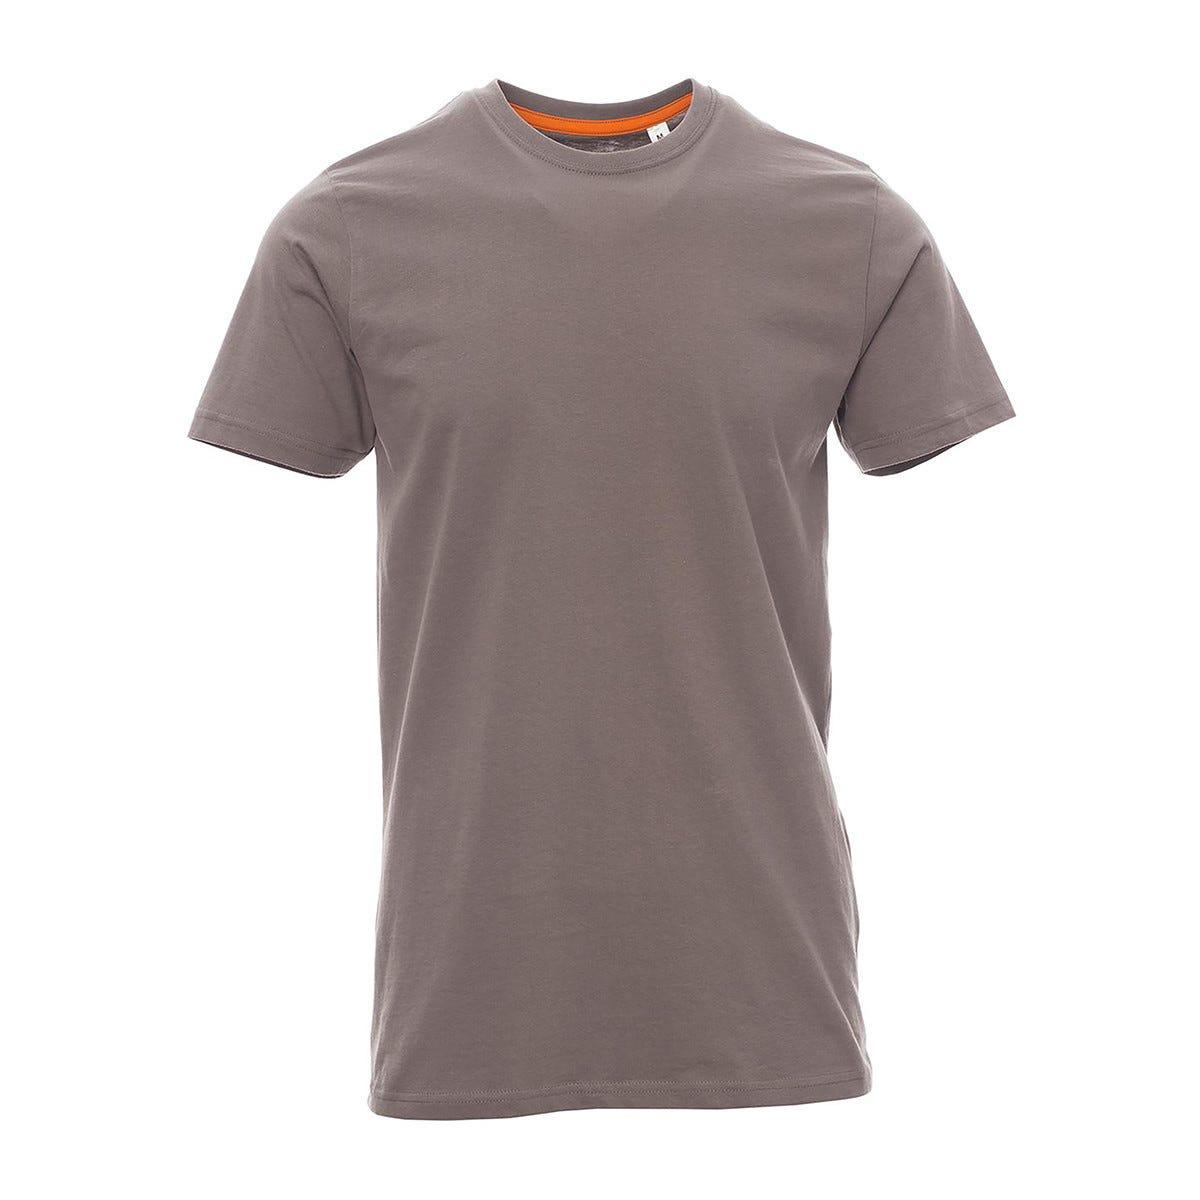 5 T Shirt Manica Corta Taglia L Grigio 100% Cotone